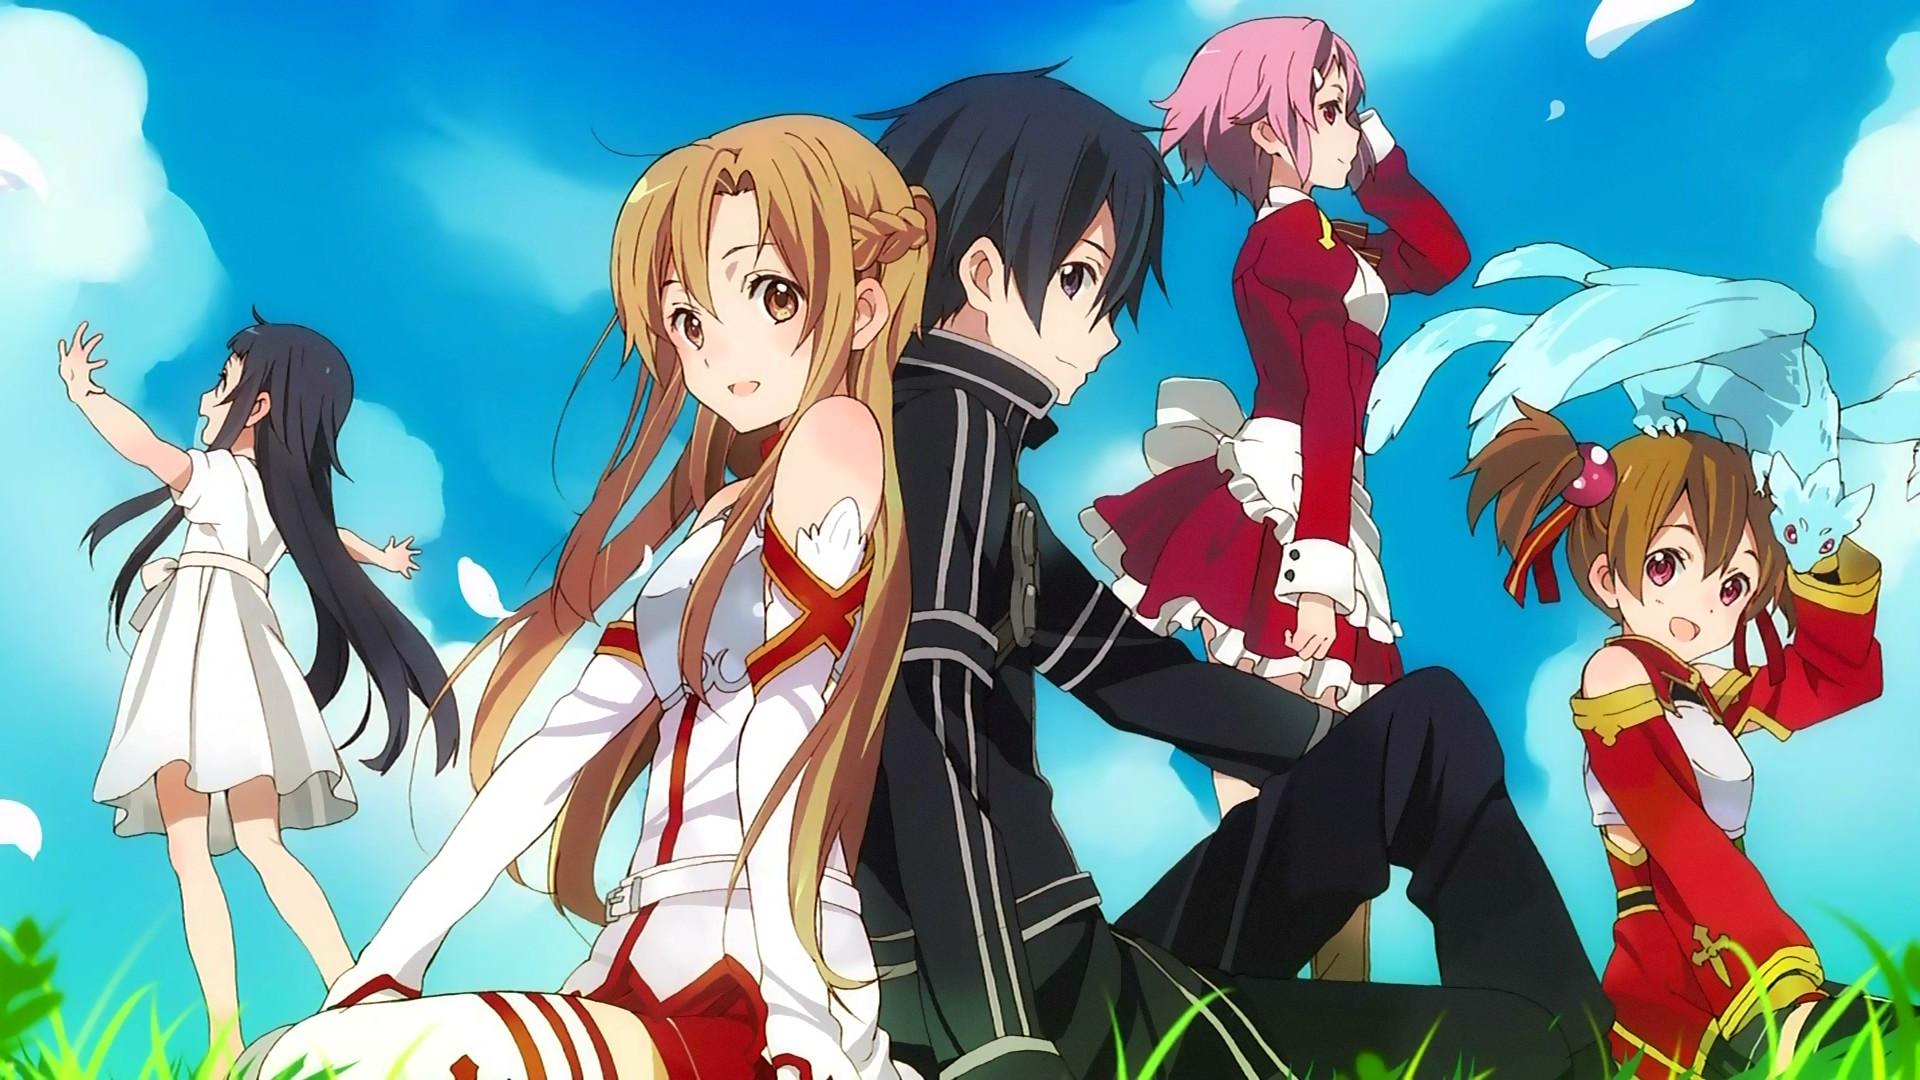 Sword Art Online Anime Wallpaper 135332